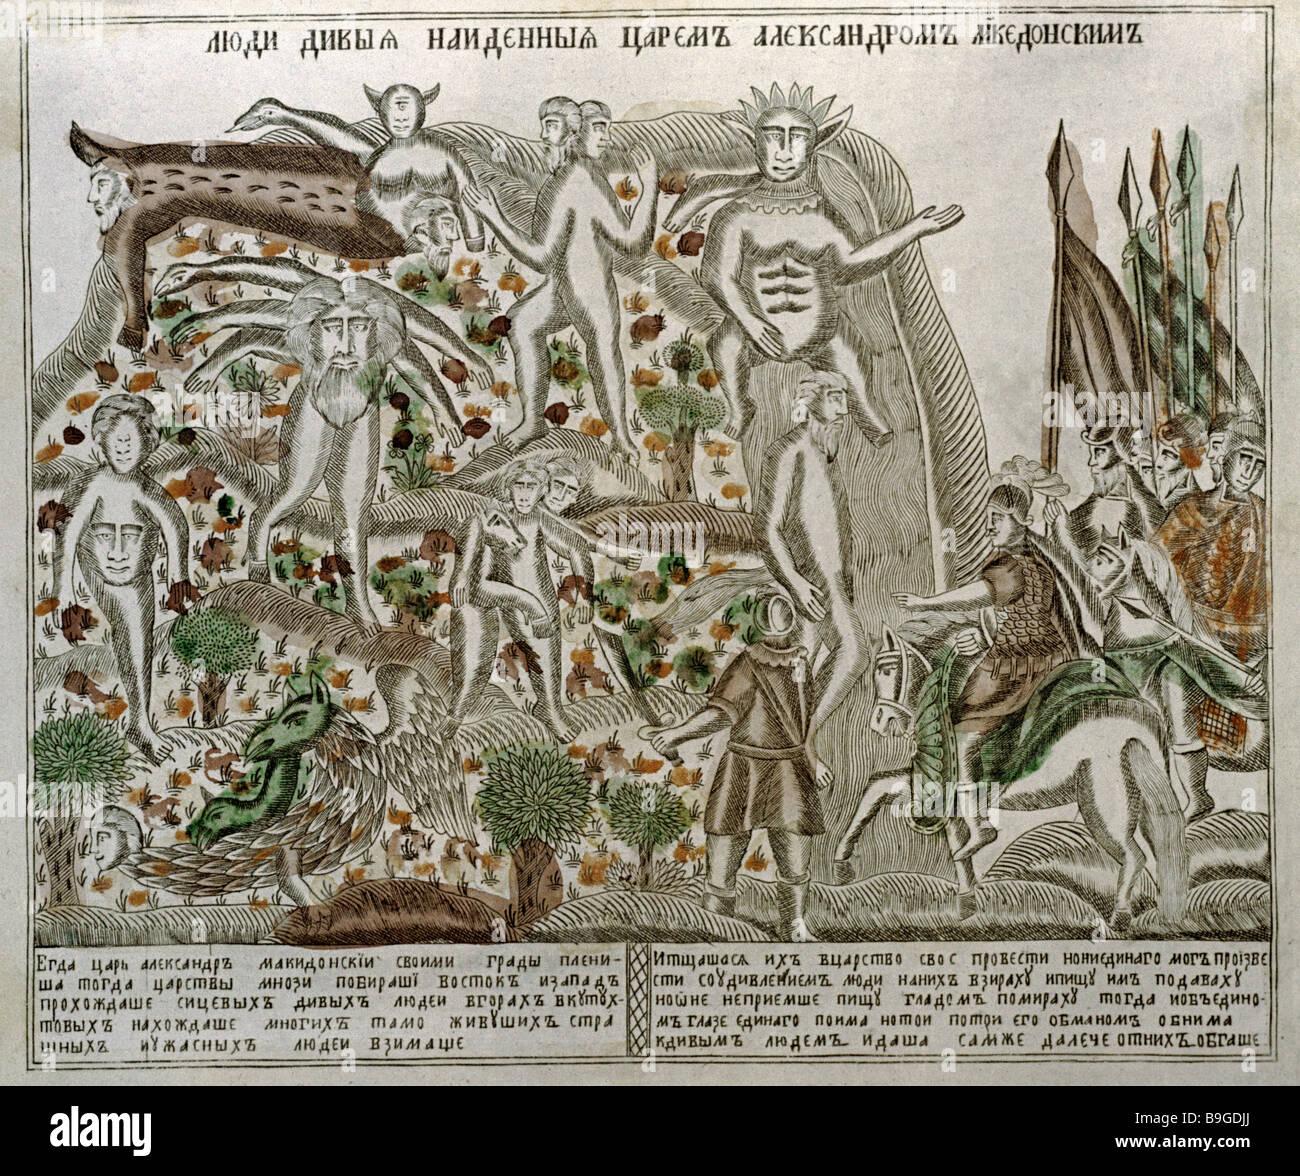 Lubok beliebte Drucken in Holzschnitt Reproduktion Divii fabelhafte Kreaturen gefunden von Alexander die große Stockbild